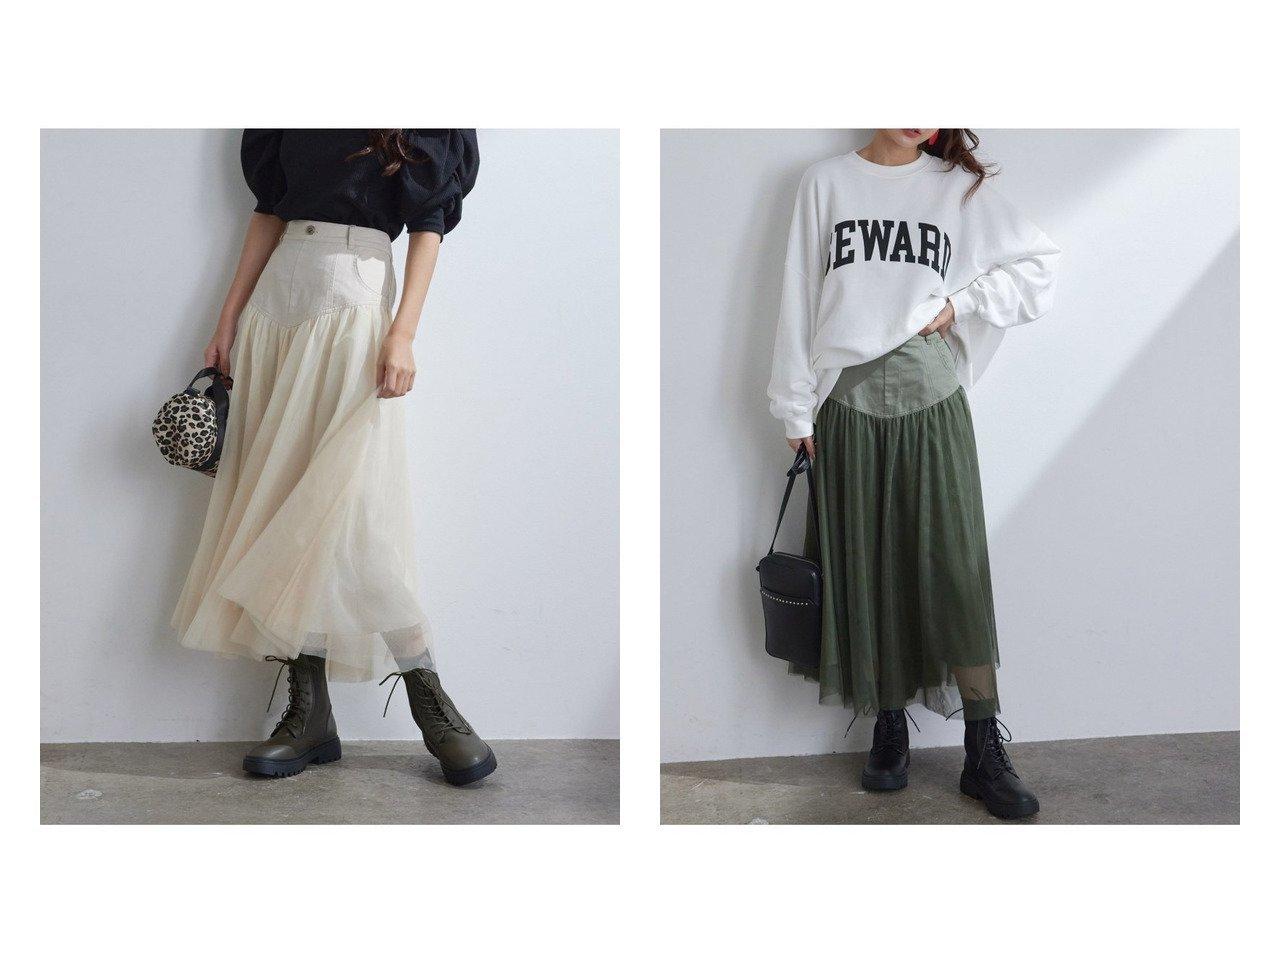 【Vis-a-Vis/ビザビ】の【vis- a-vis】すっきり見えチュールドッキングスカート おすすめ!人気、トレンド・レディースファッションの通販 おすすめで人気の流行・トレンド、ファッションの通販商品 インテリア・家具・メンズファッション・キッズファッション・レディースファッション・服の通販 founy(ファニー) https://founy.com/ ファッション Fashion レディースファッション WOMEN スカート Skirt チュール ツイル トレンド ドッキング ベーシック ポケット ロング NEW・新作・新着・新入荷 New Arrivals おすすめ Recommend |ID:crp329100000061675